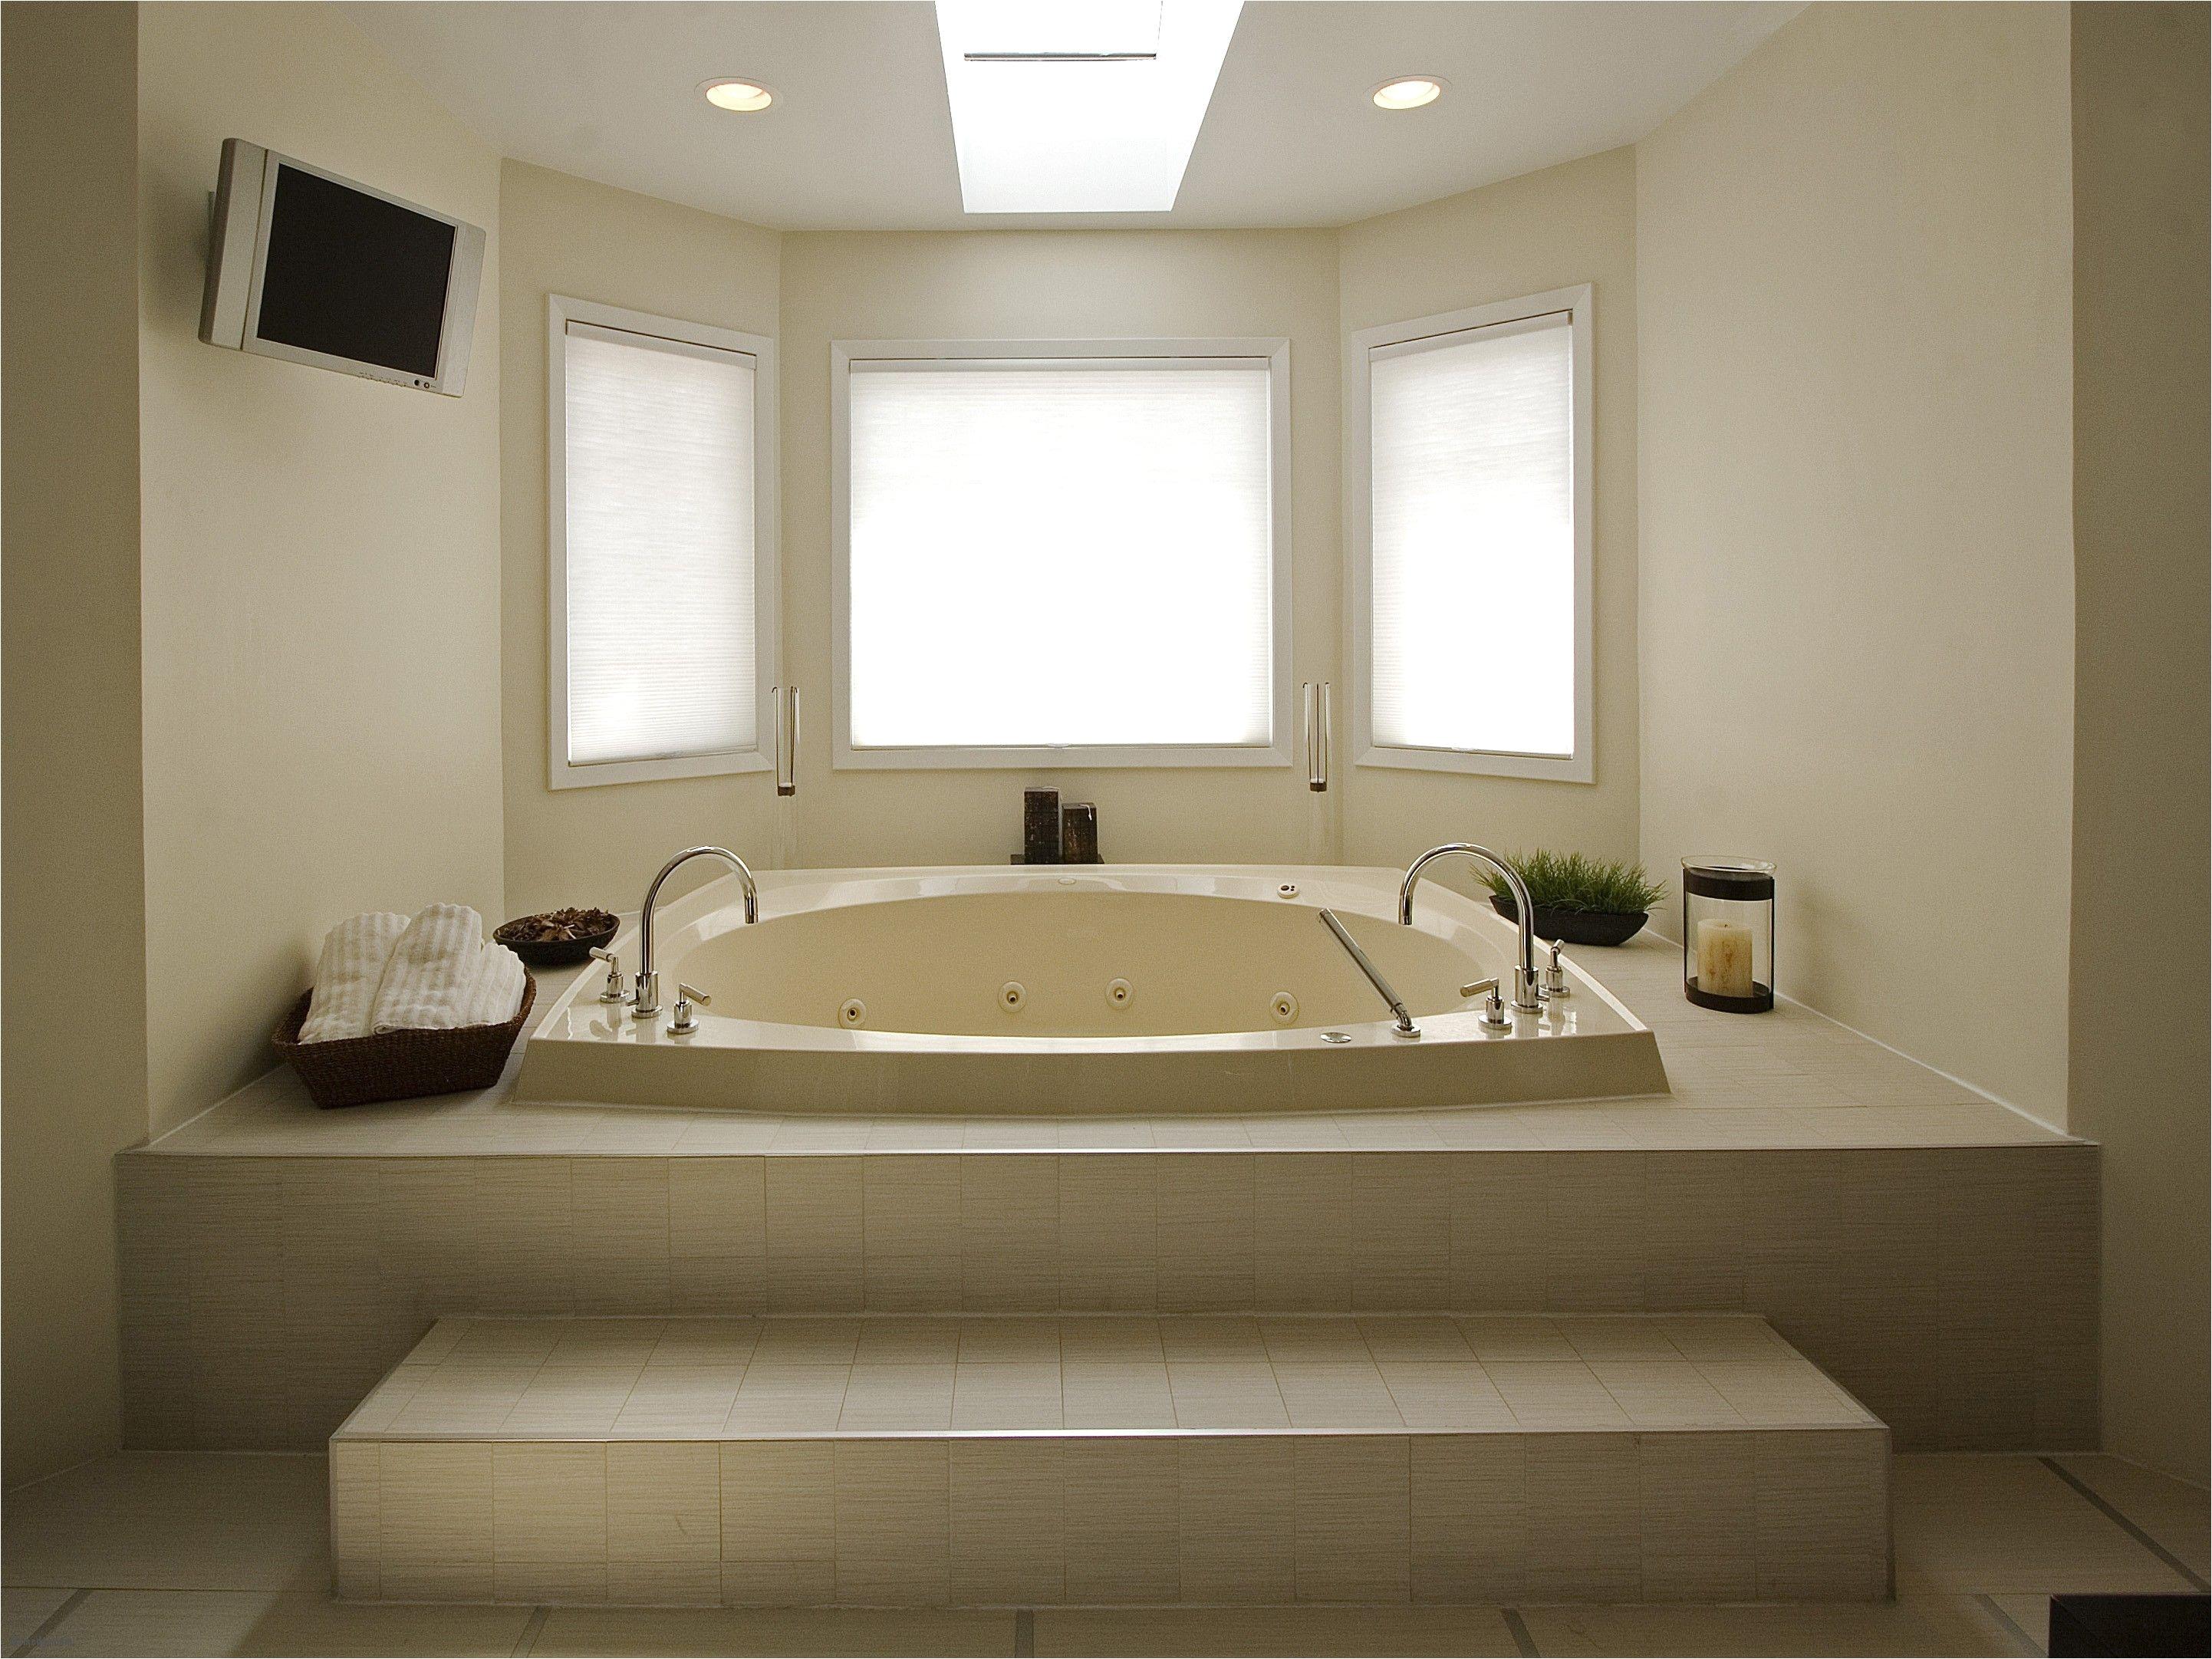 cool best of large bathtubs bathtubs choosing bathroom fixtures design choose floor plan japanese